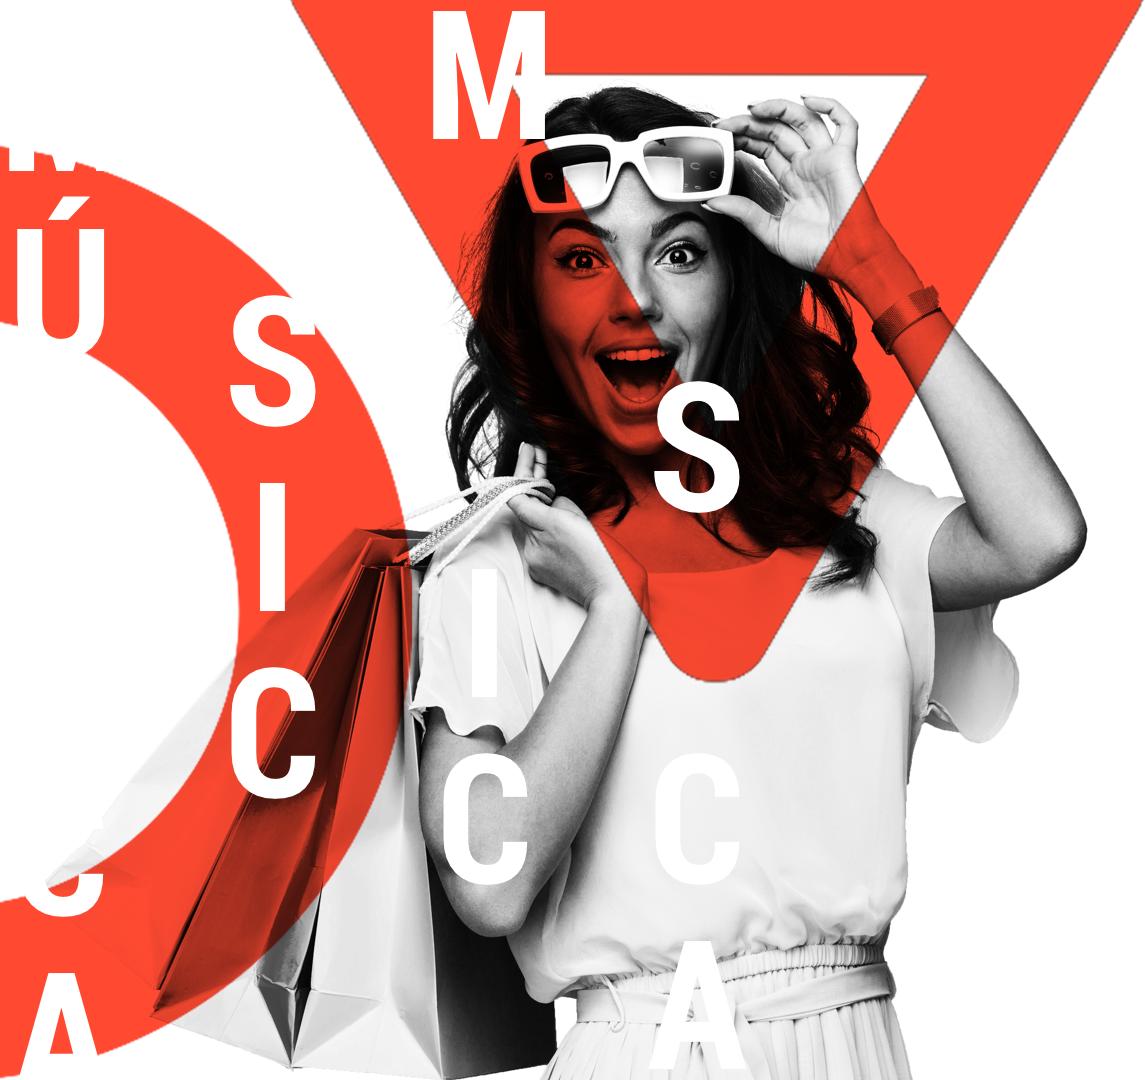 Musica ambiental para locales, aumentar ventas, fidelizar clientes. Kasimu Peru